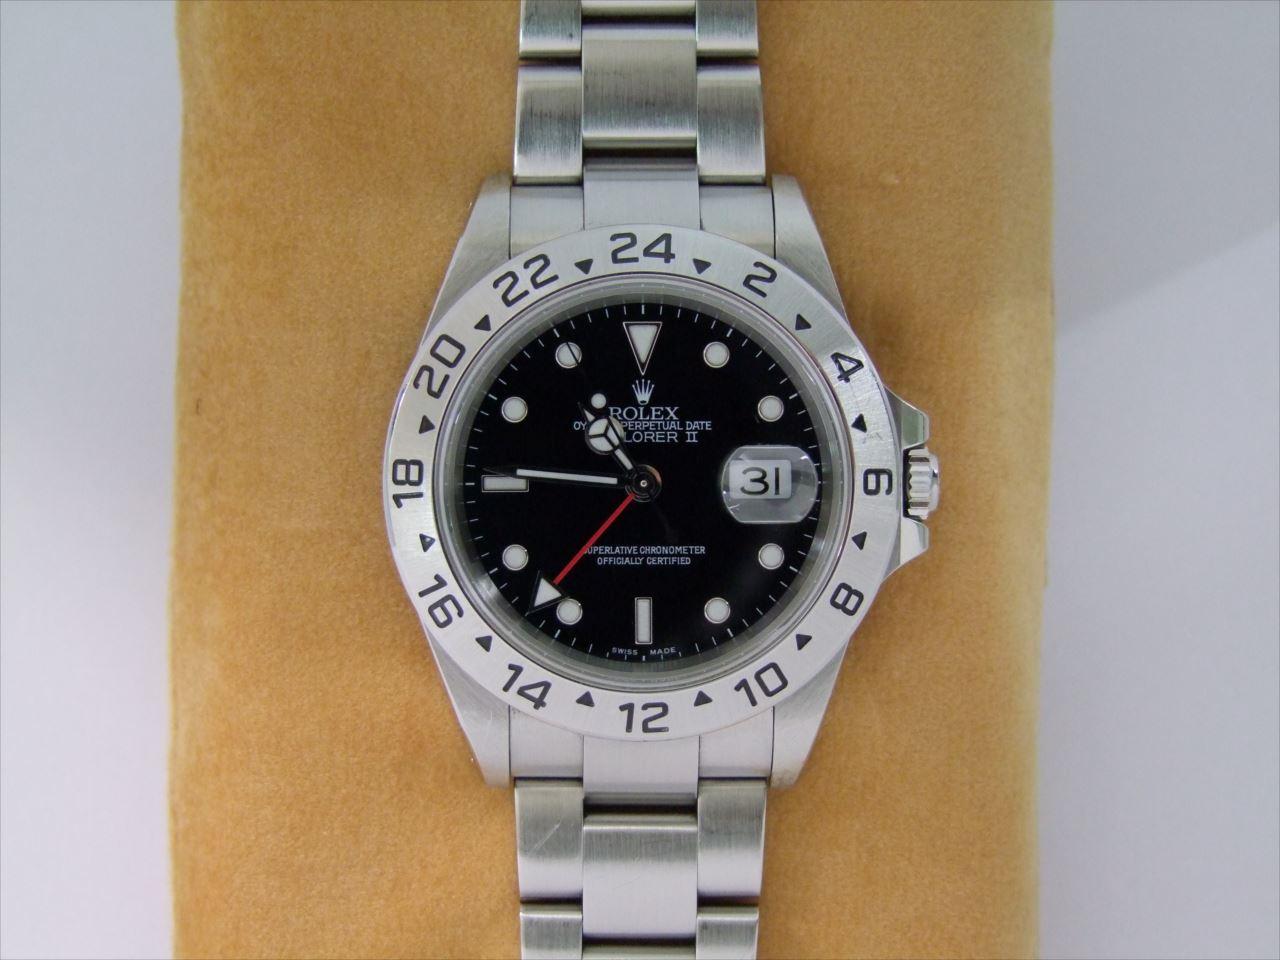 買取 ブランド腕時計 ロレックス エクスプローラー 盛岡 まねき堂